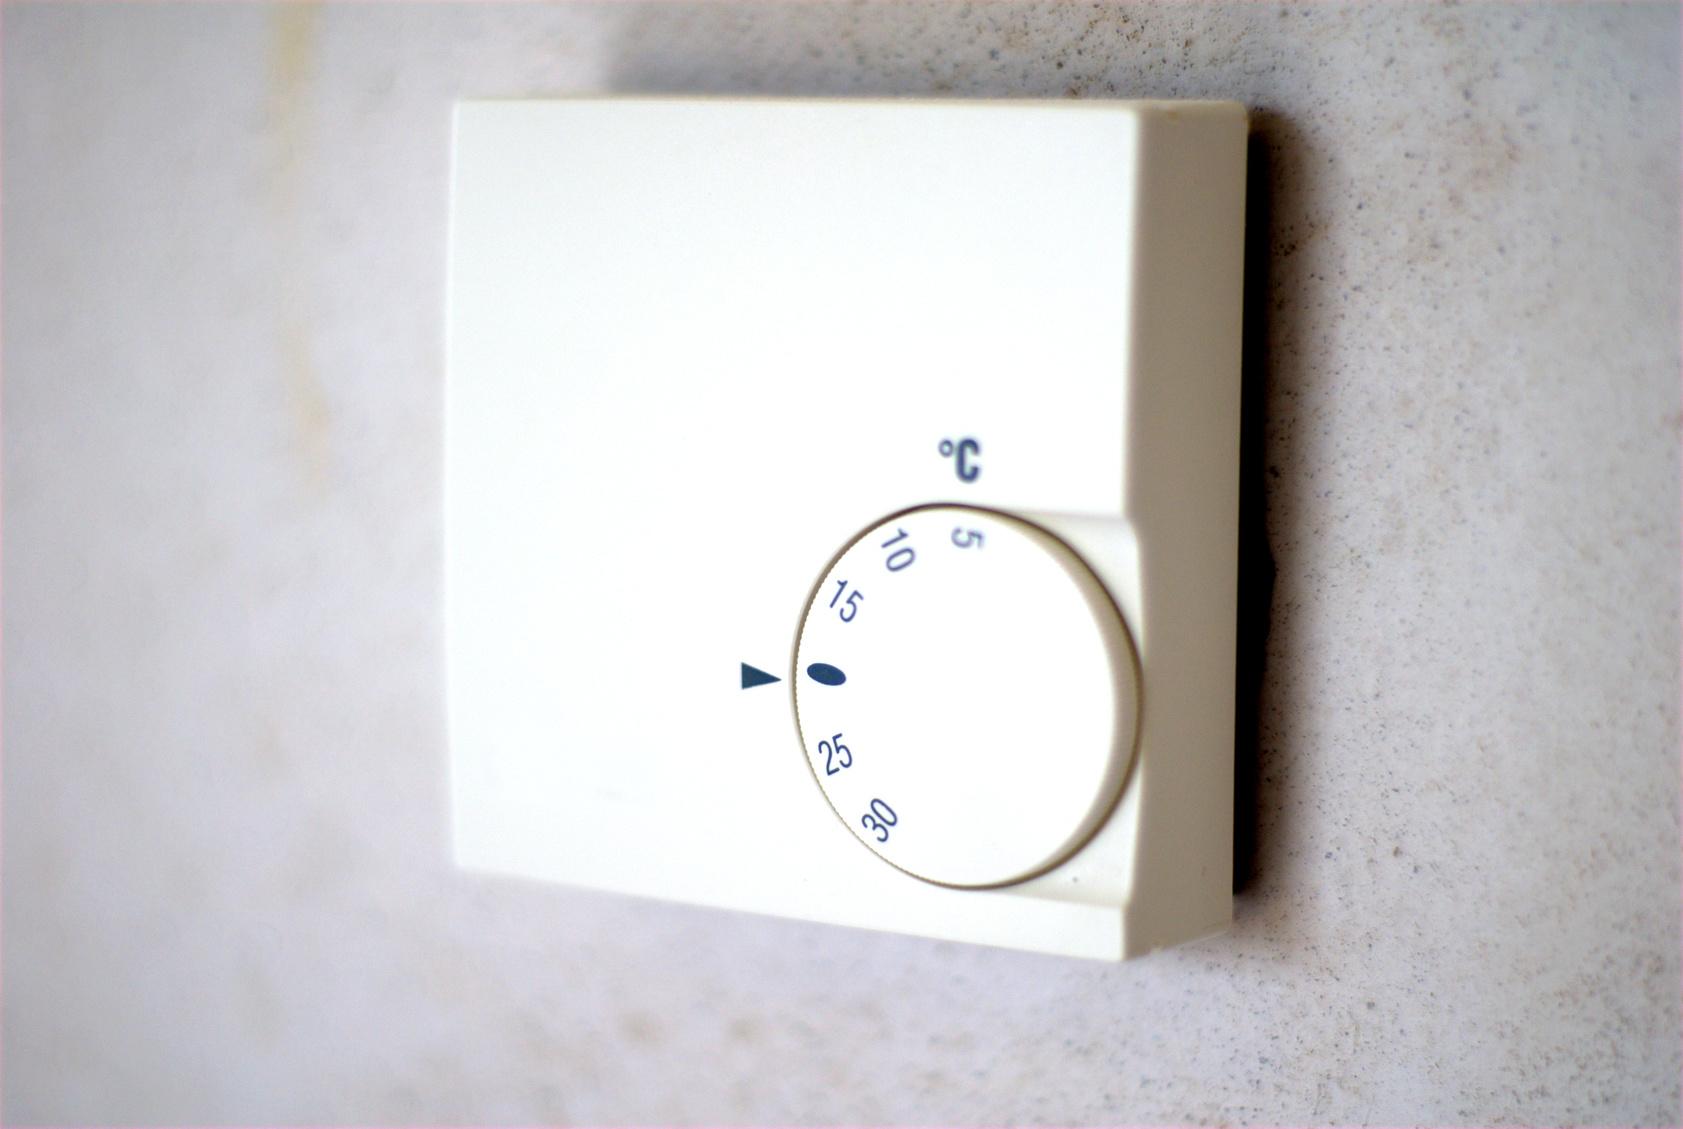 Терморегулятор (термостат) для теплого пола: от выбора до установки